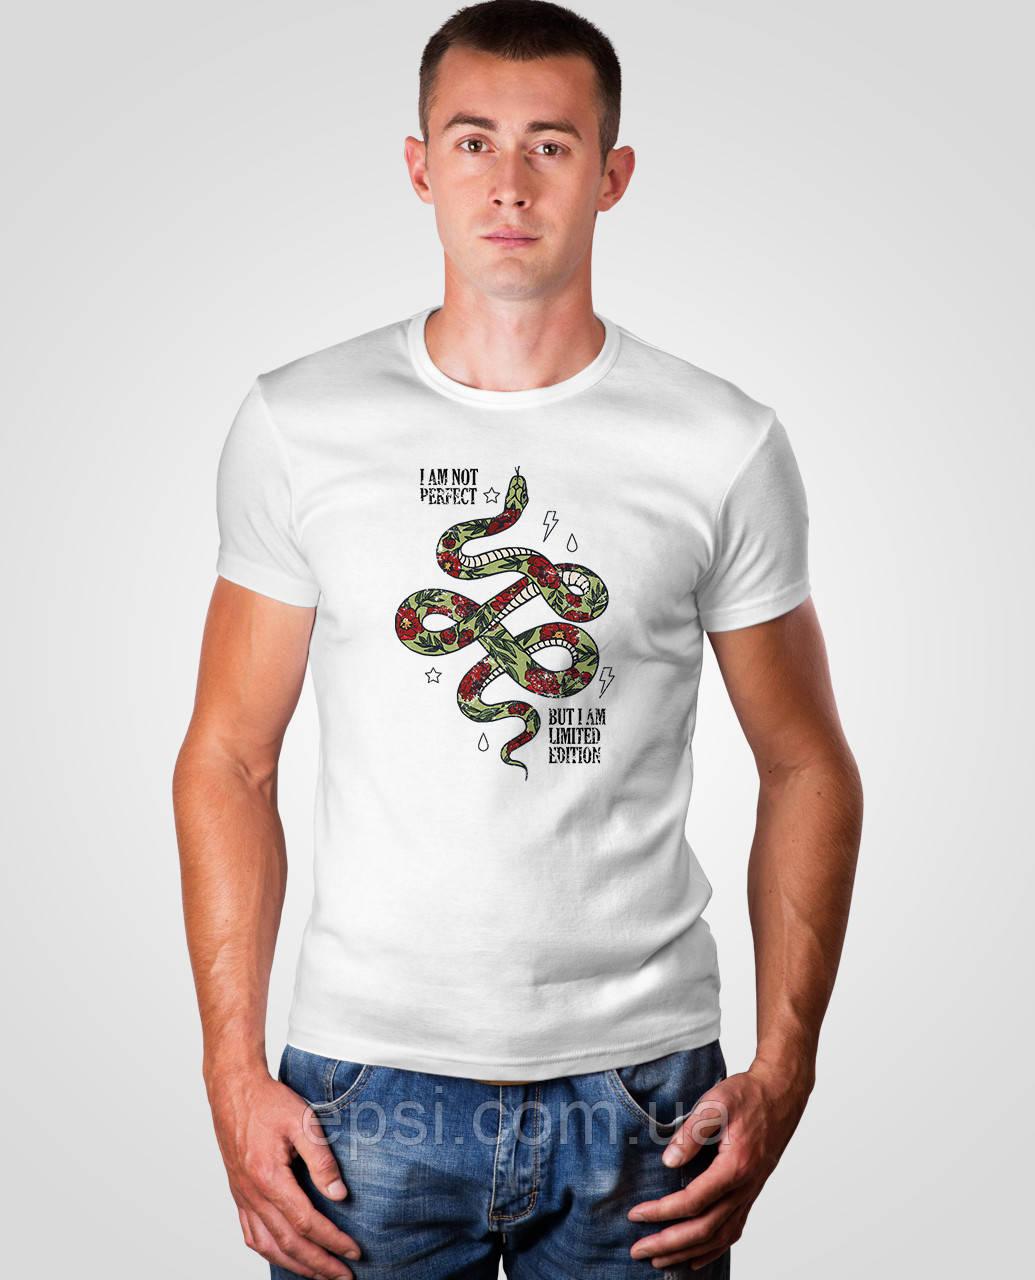 Футболка мужская с принтом Malta 18М063-17-Р Snake M 1 XL Белая (2901000181097)